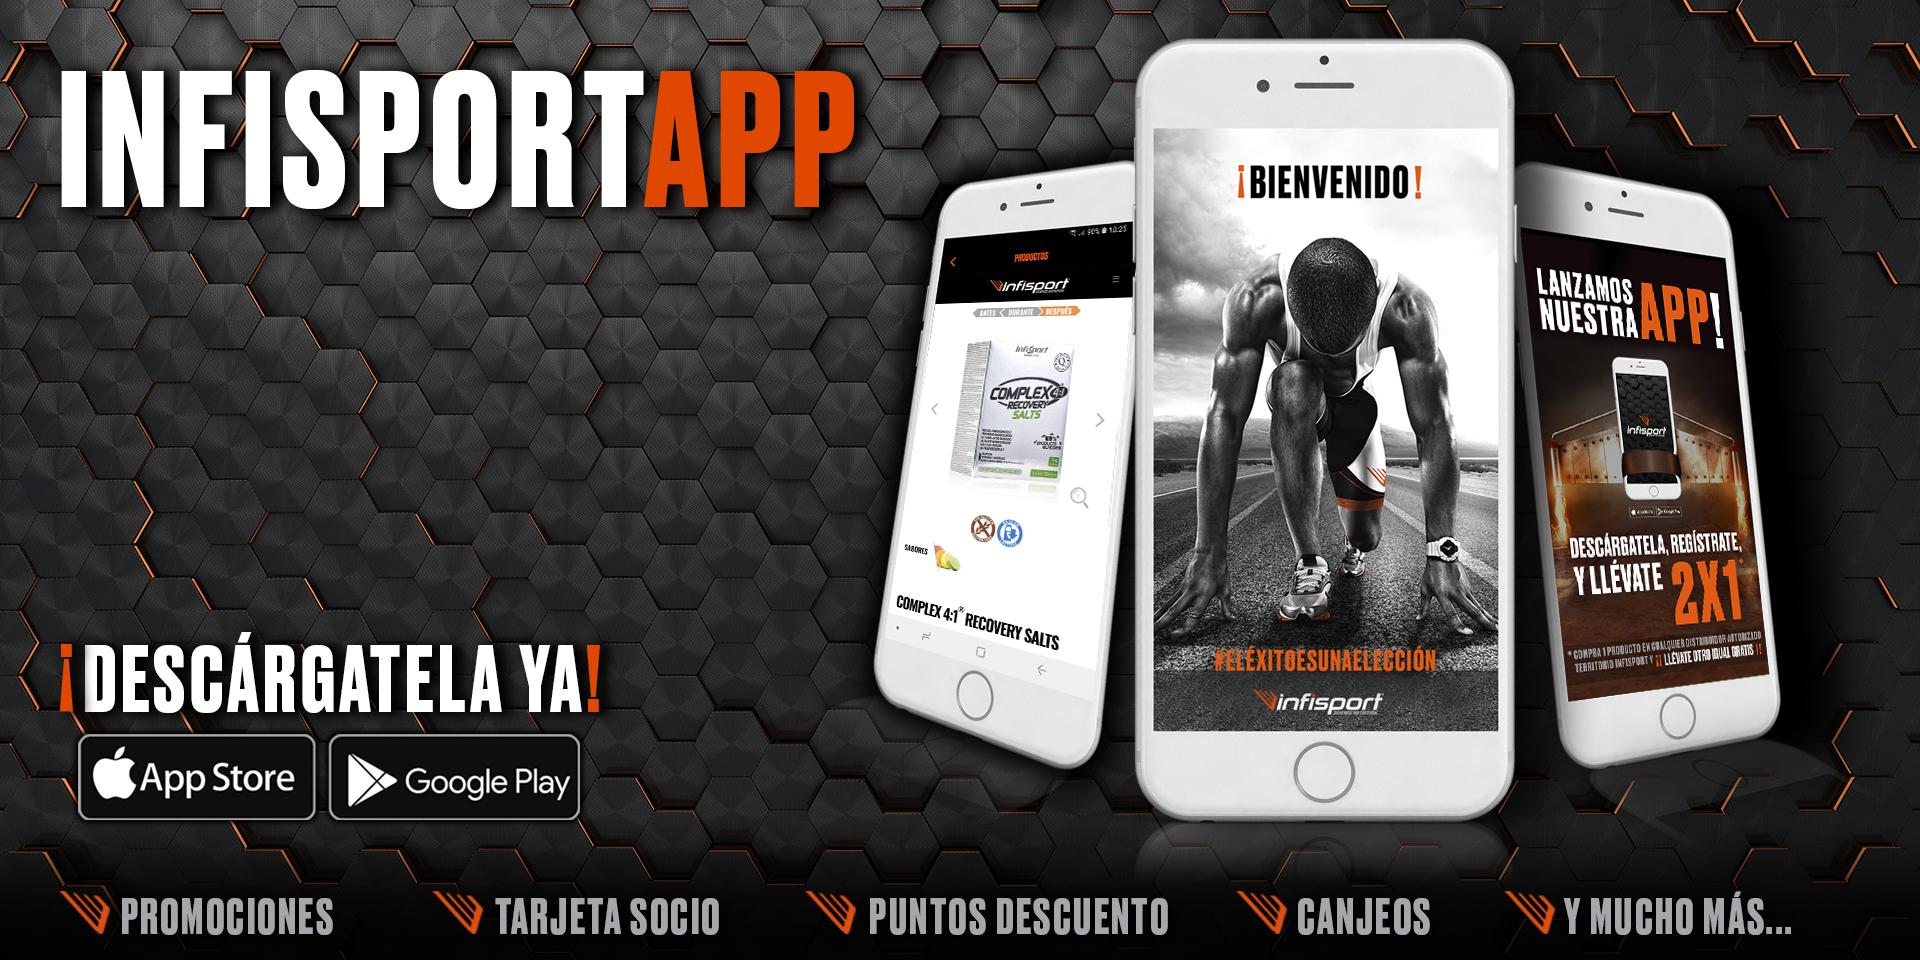 Descárgate nuestra app